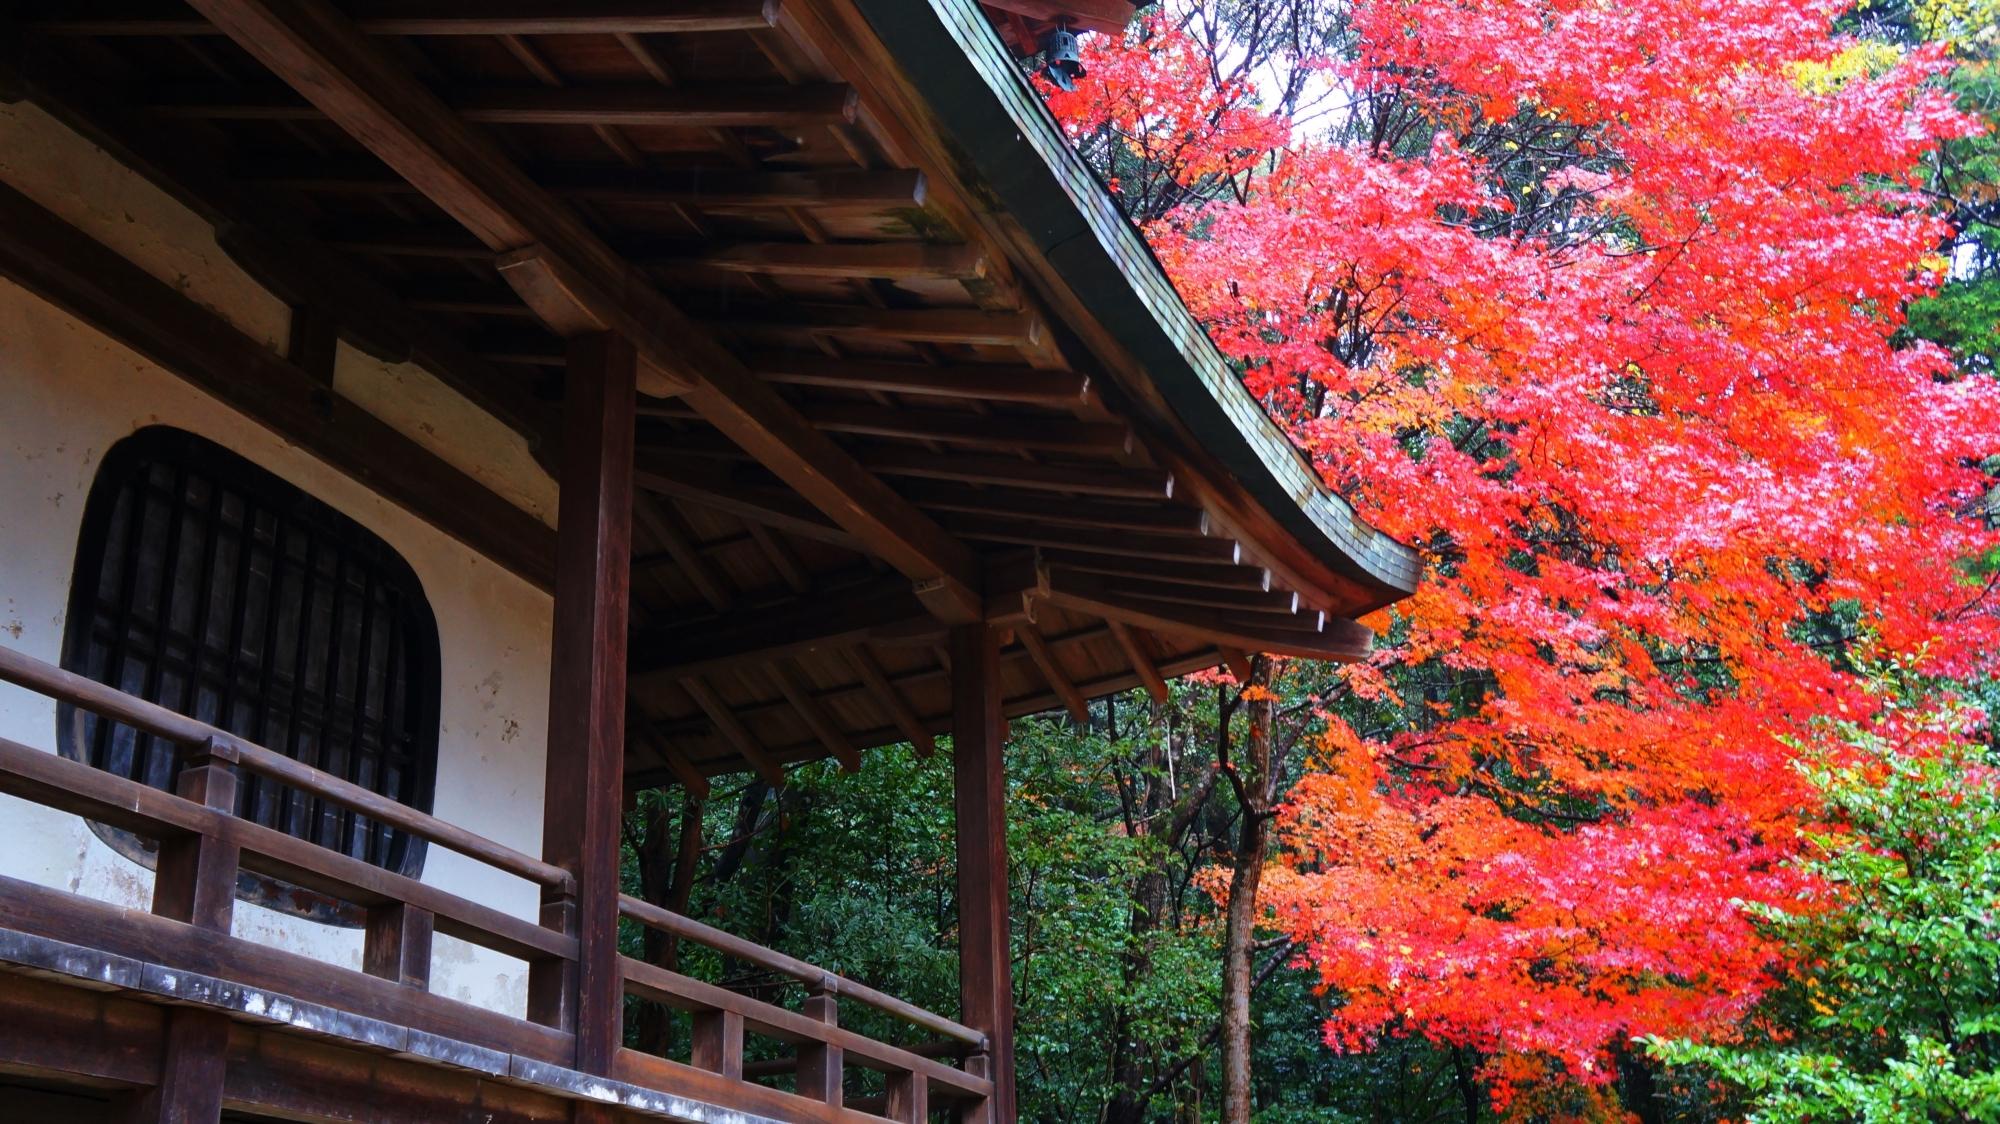 観音堂の白壁に映える赤い紅葉